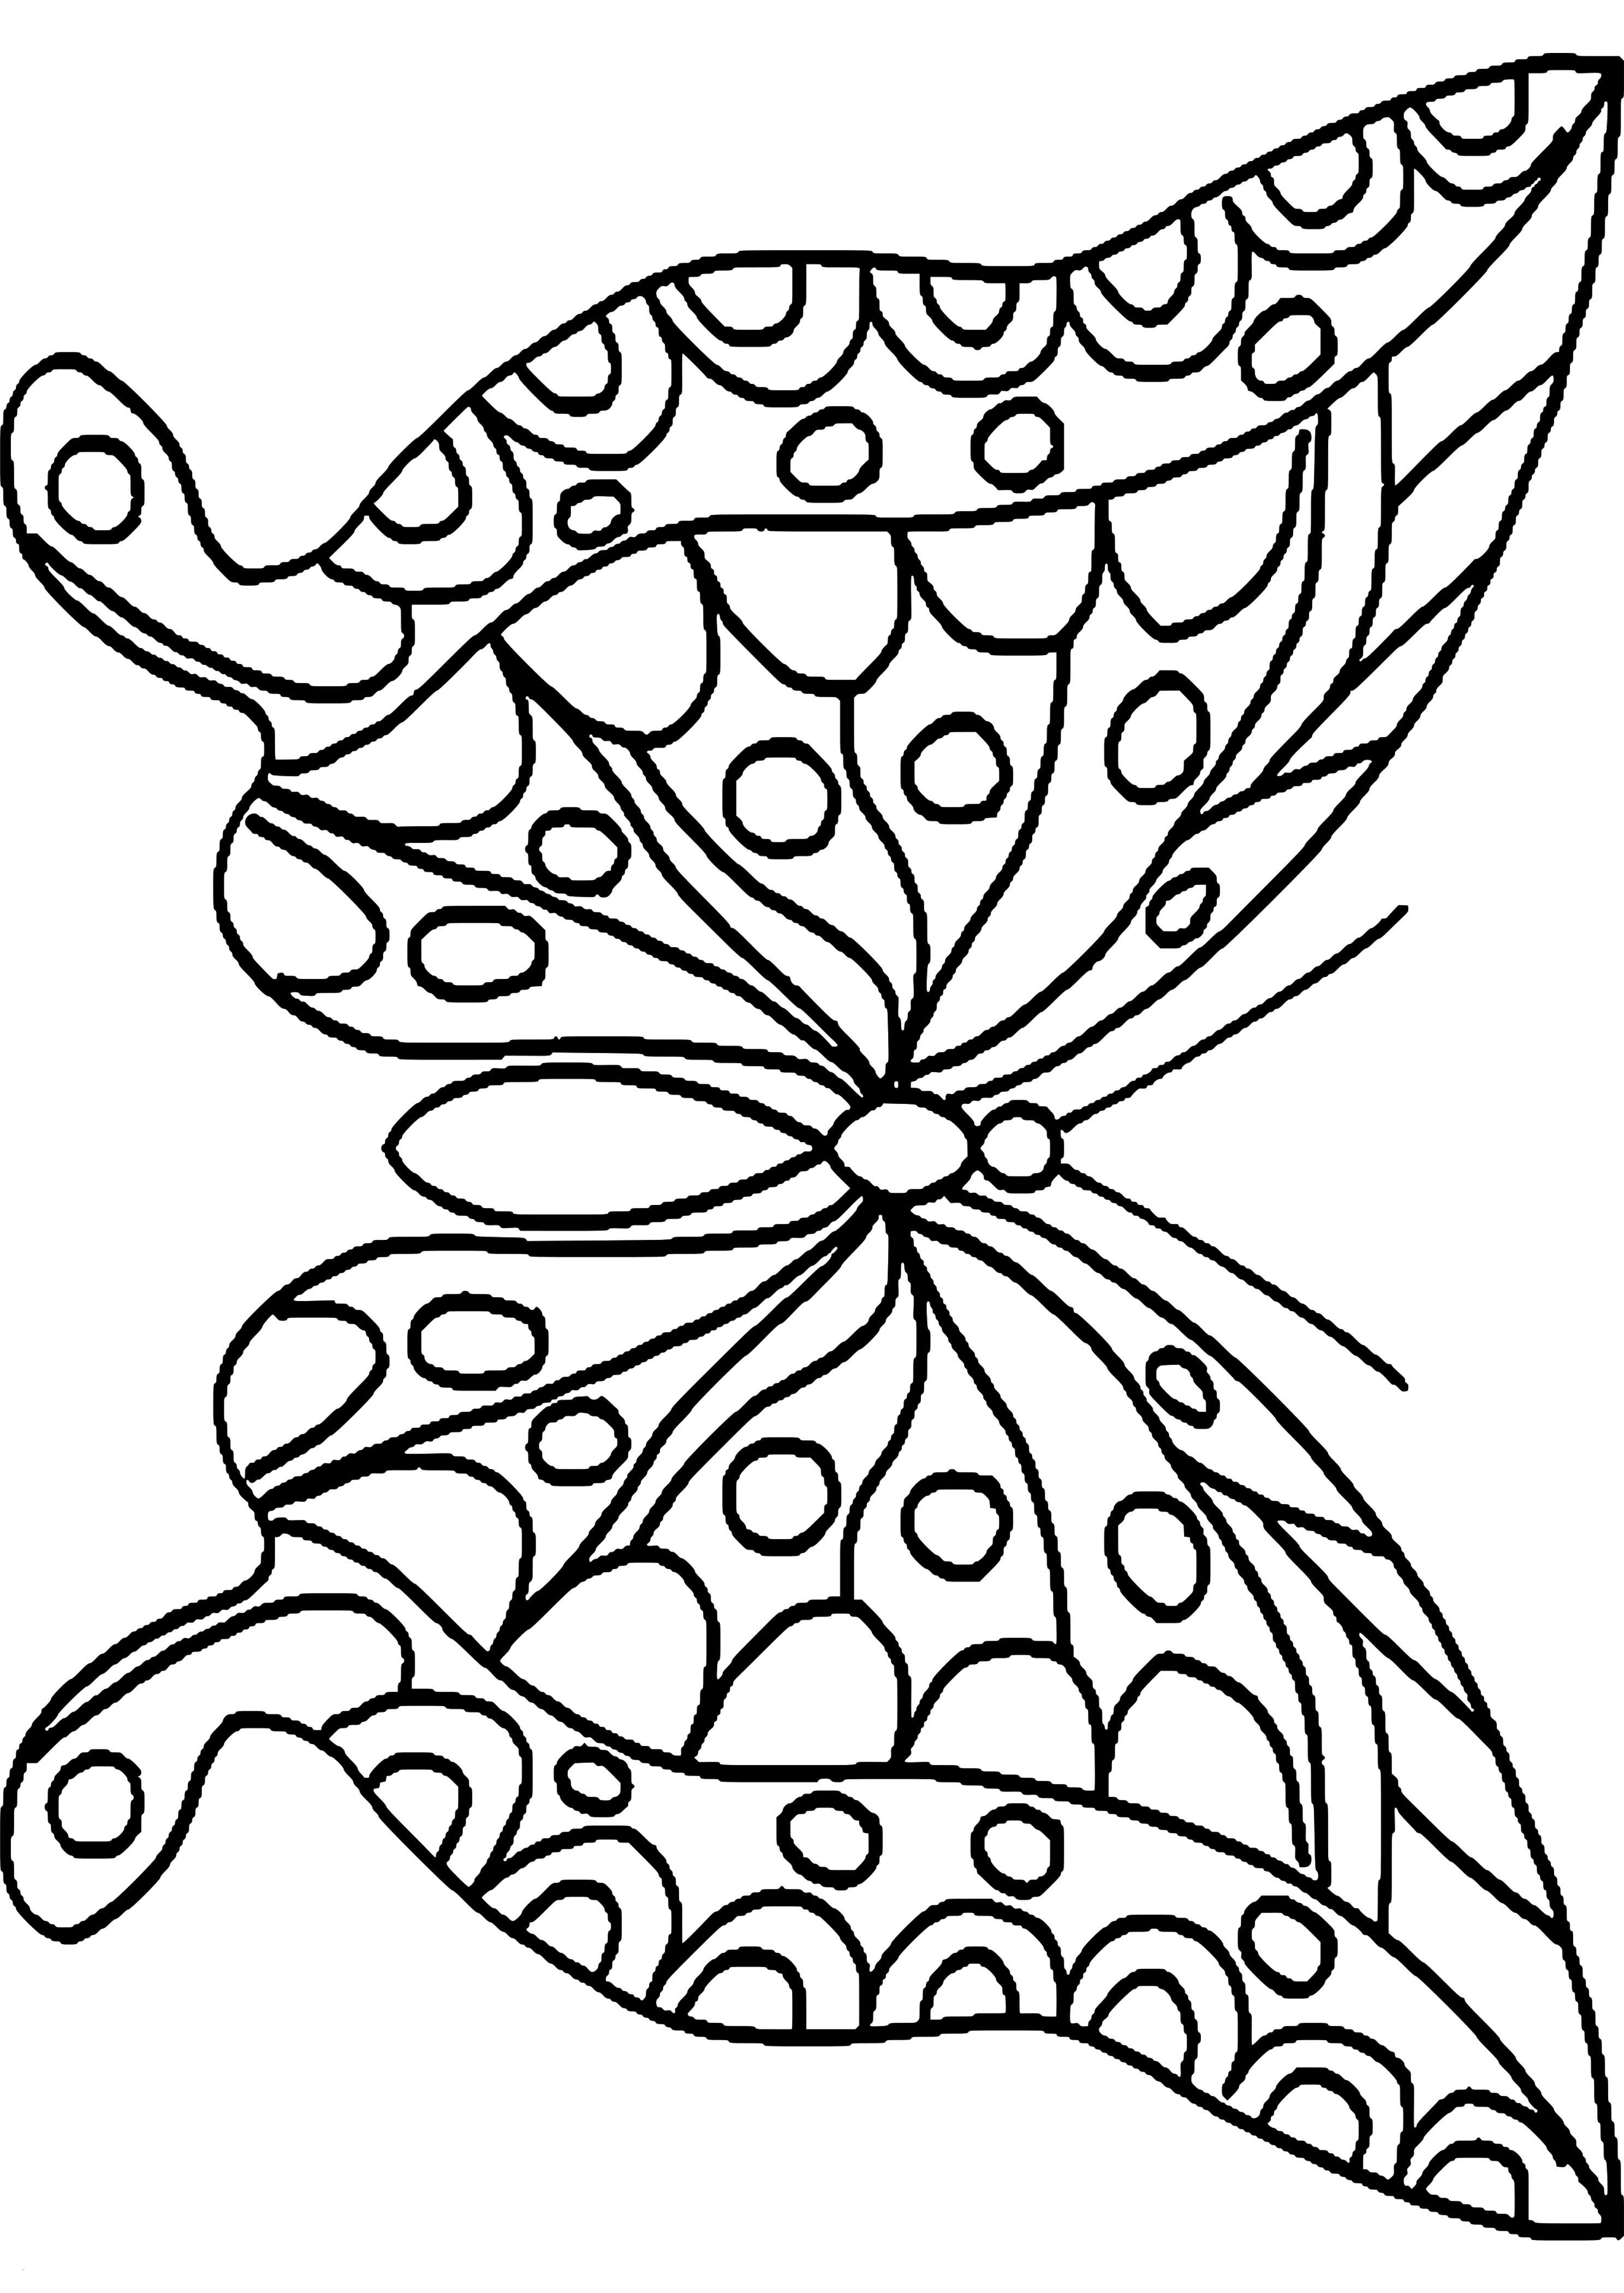 Malvorlagen Blumen Ranken Kostenlos Das Beste Von Malvorlagen Blumen Und Schmetterlinge Fesselnd 35 Ausmalbilder Sammlung